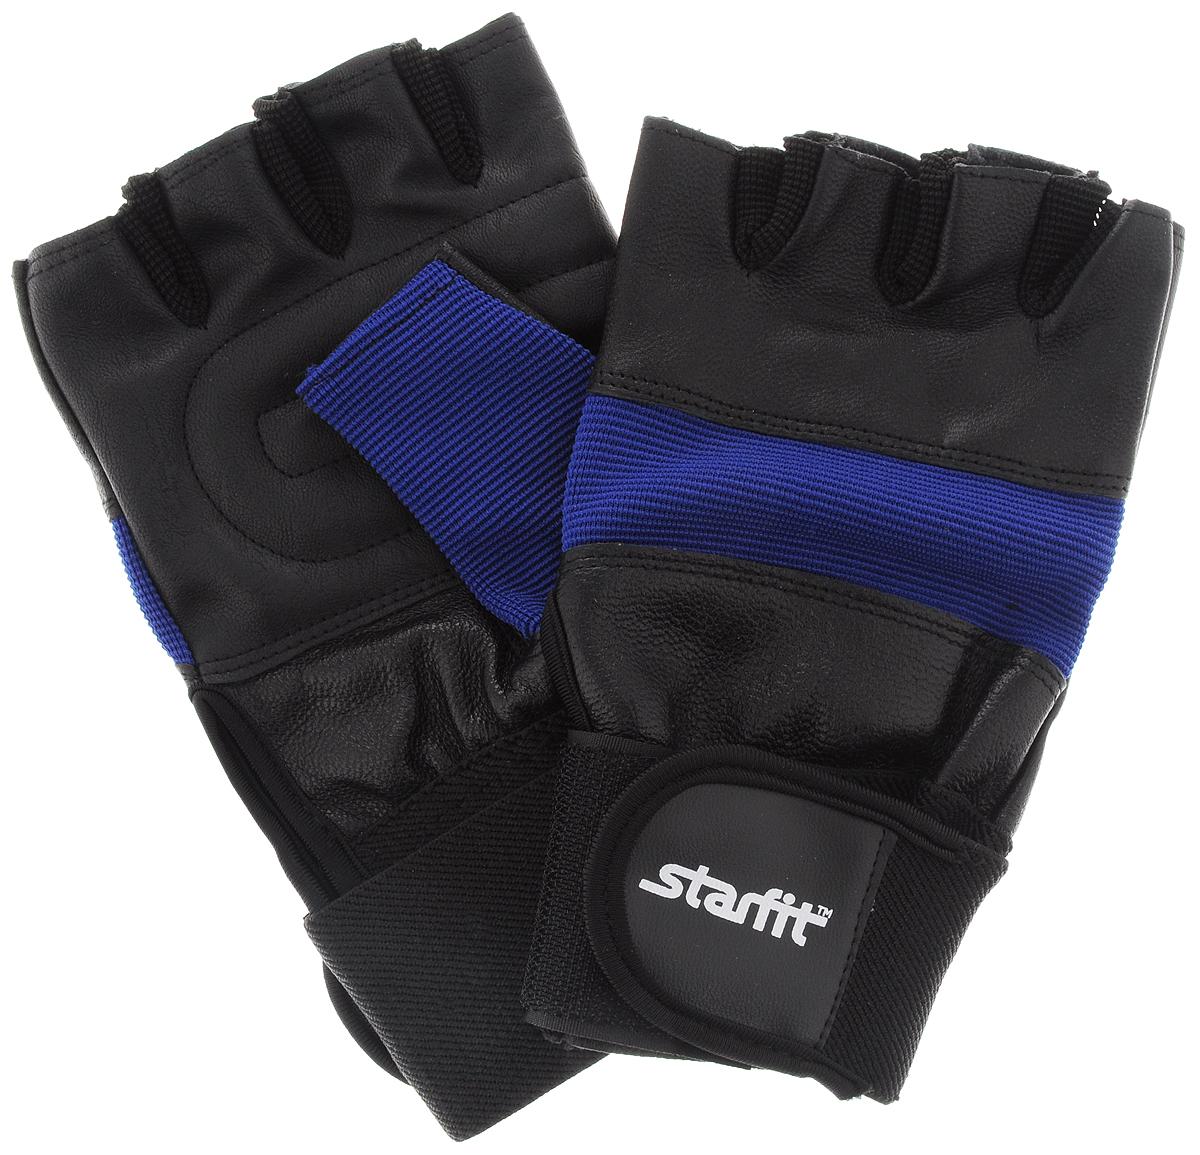 Перчатки атлетические Starfit SU-109, цвет: синий, черный. Размер MУТ-00008328Атлетические перчатки Star Fit SU-109 - это модель с поддержкой запястья. Они необходимы для безопасной тренировки со снарядами (грифы, гантели), во время подтягиваний и отжиманий. Перчатки минимизируют риск мозолей и ссадин на ладонях. Перчатки выполнены из нейлона, искусственной кожи, полиэстера и эластана. В рабочей части имеется вставка из тонкого поролона, обеспечивающего комфорт при тренировках.Размер перчатки (без учета большого пальца): 17 х 10 см.